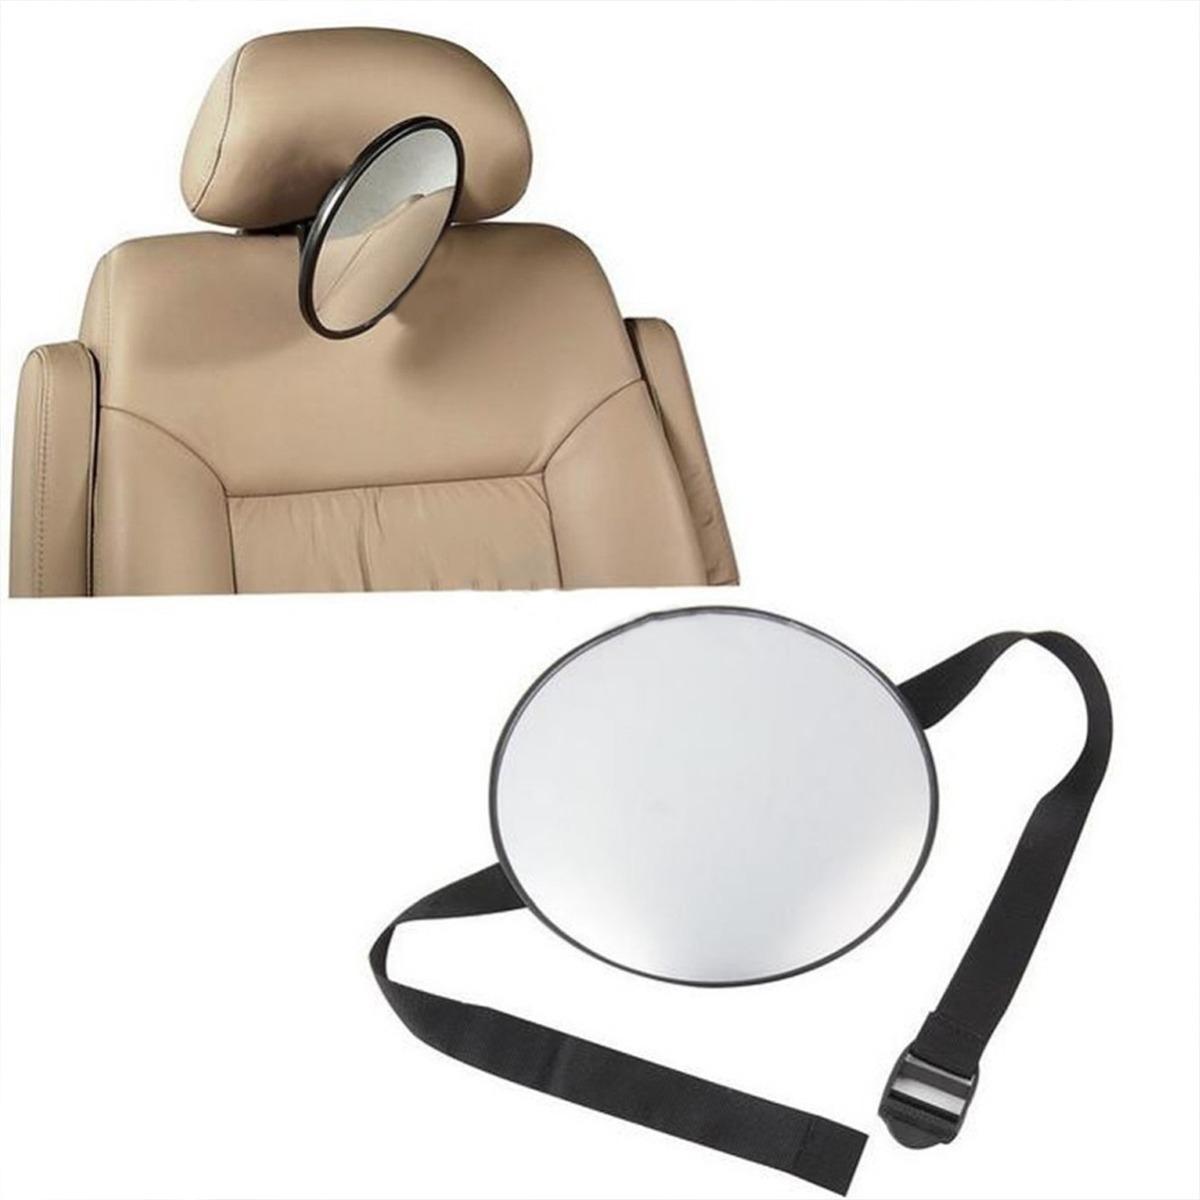 Espejo revisor para bebe asiento trasero auto coche b3005 Espejo para carro bebe